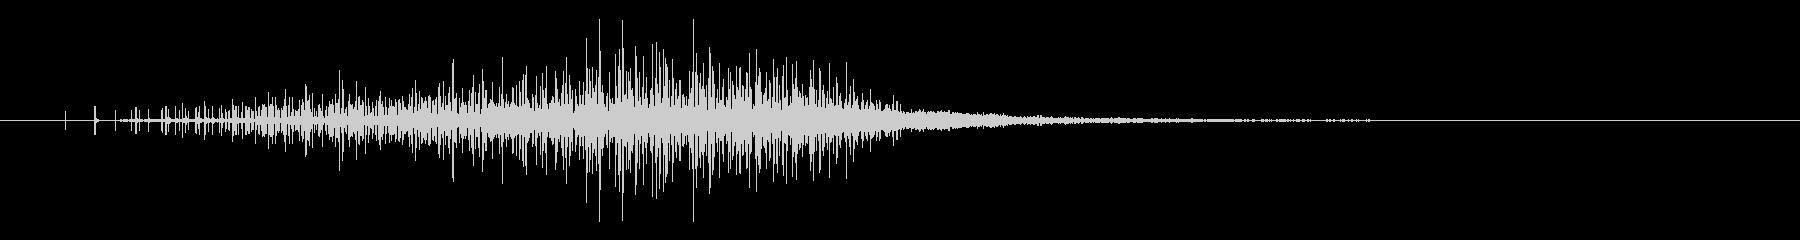 ノイズ音(不気味)1の未再生の波形